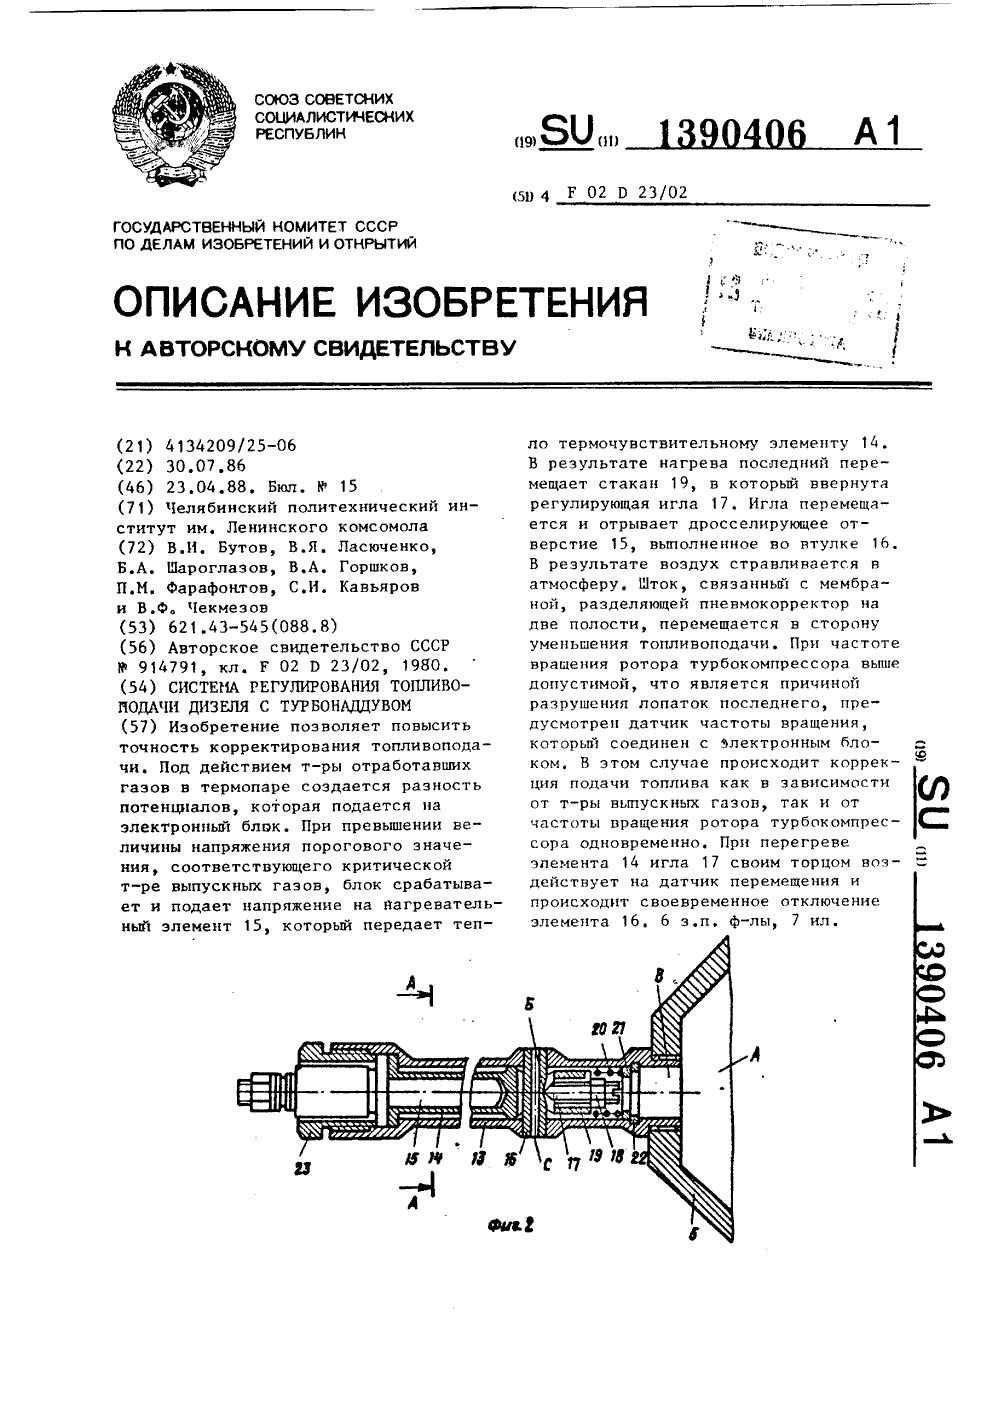 википедия схема системы топливоподачи дизеля